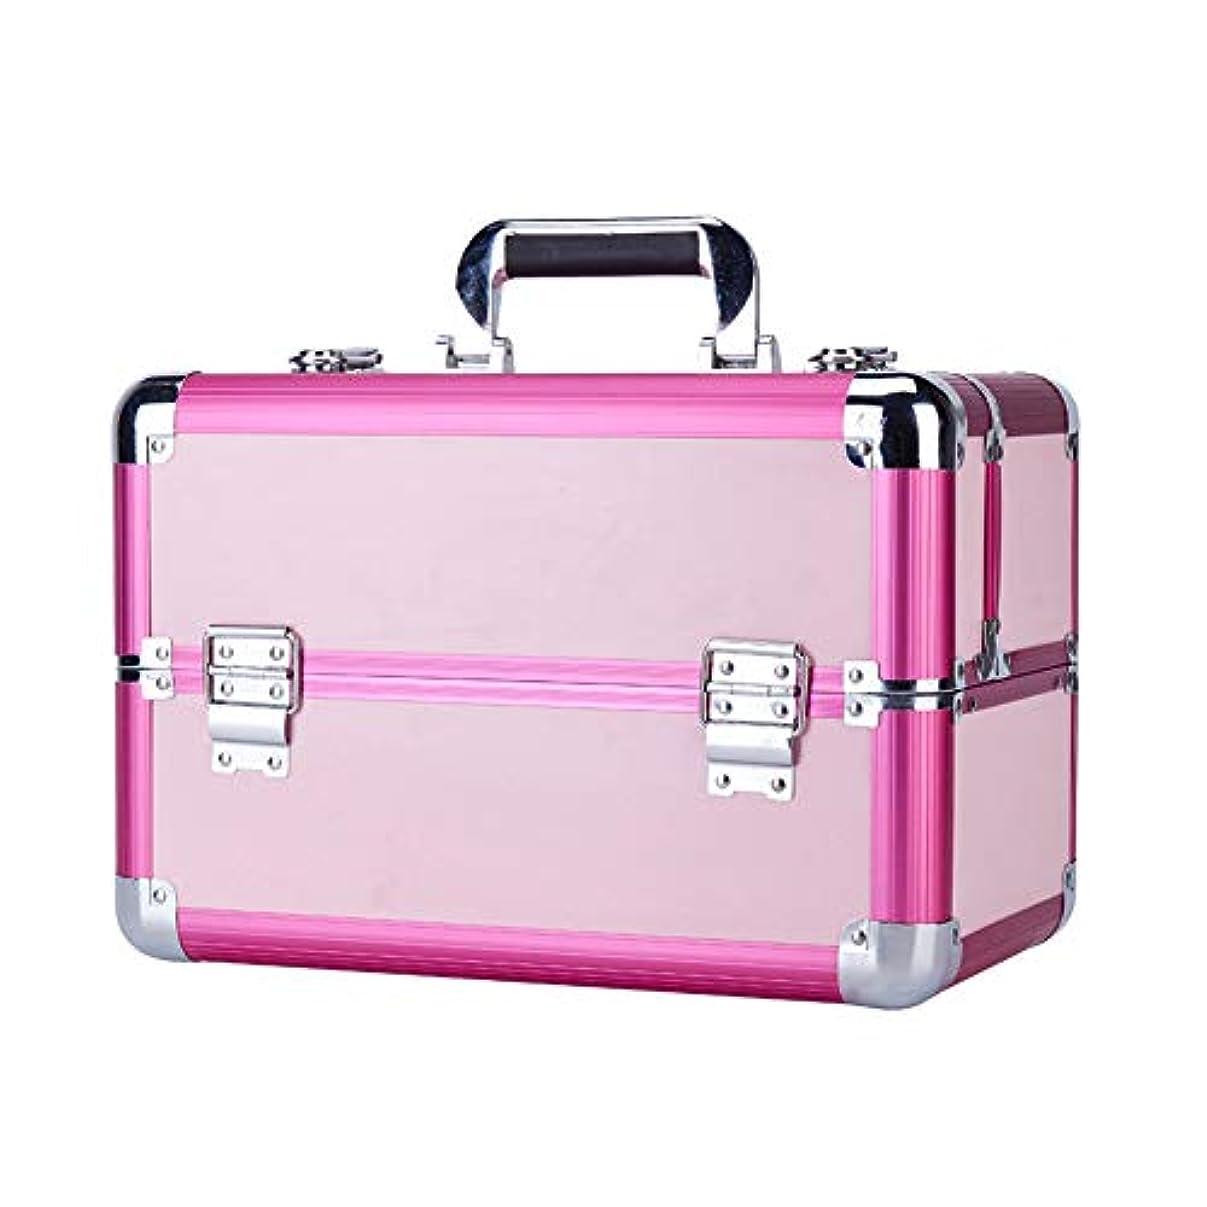 小川煙扱う特大スペース収納ビューティーボックス 美の構造のためそしてジッパーおよび折る皿が付いている女の子の女性旅行そして毎日の貯蔵のための高容量の携帯用化粧品袋 化粧品化粧台 (色 : ピンク)